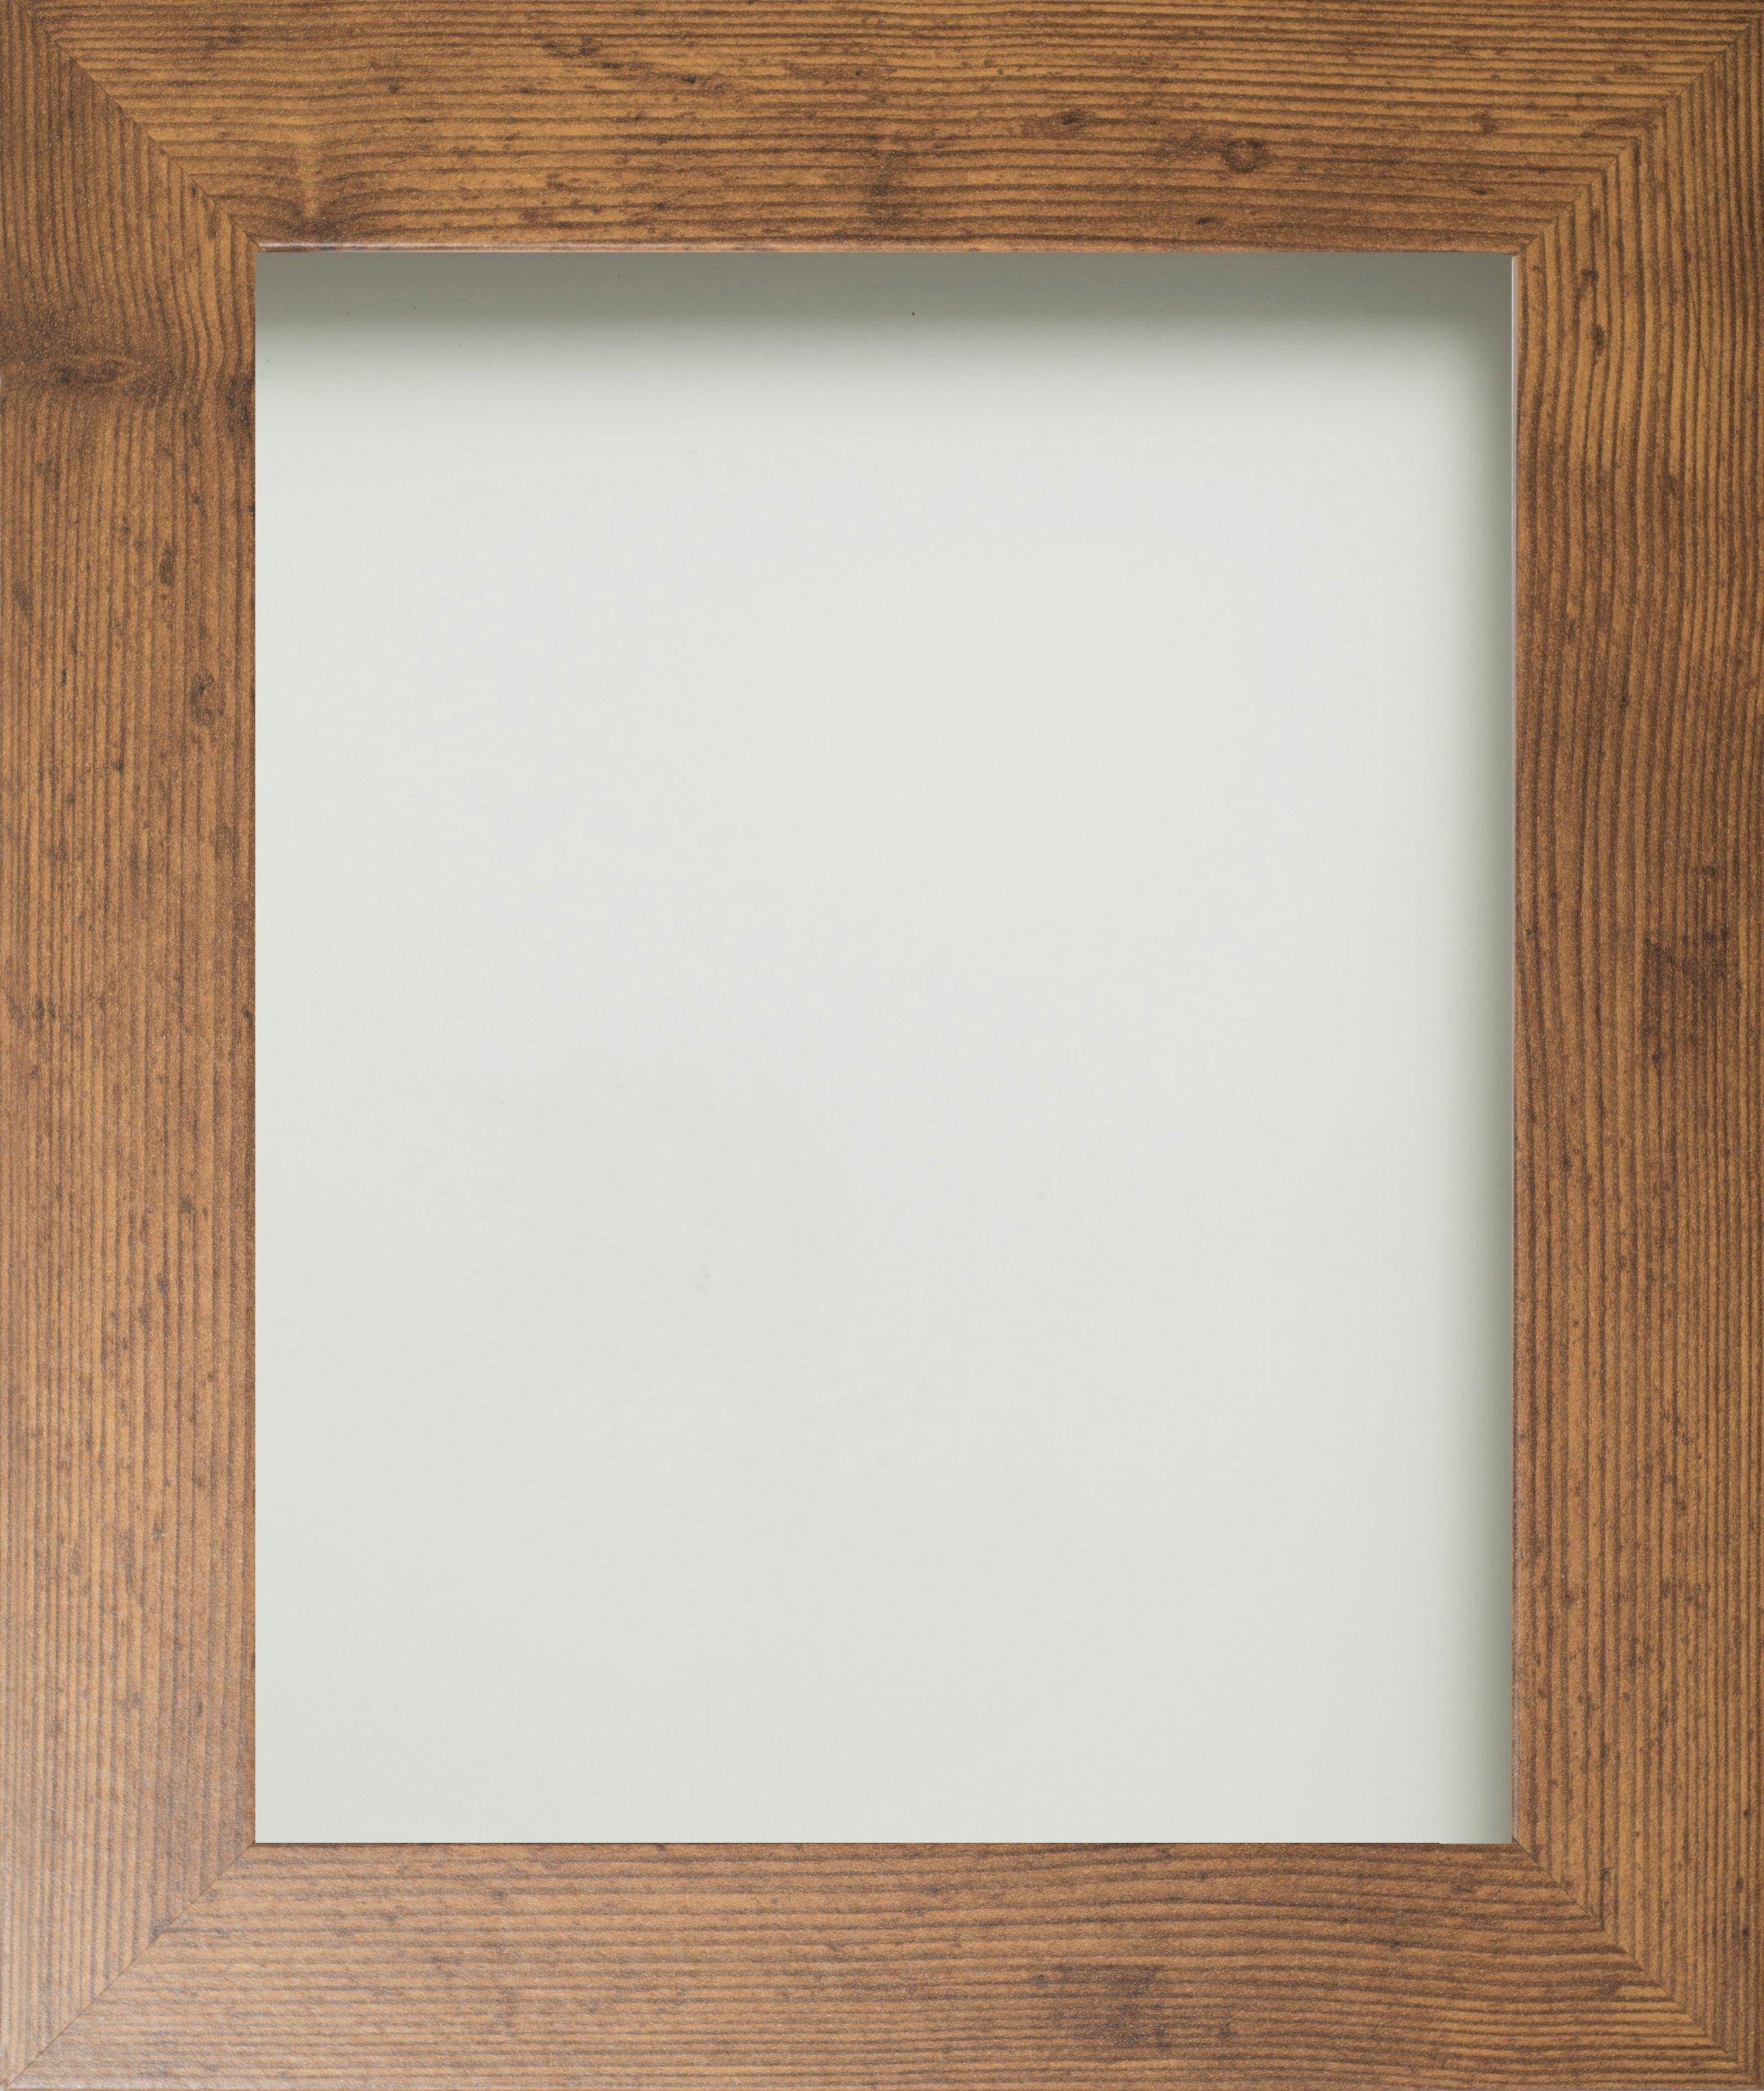 10x12 Photo Frame: Amazon.co.uk